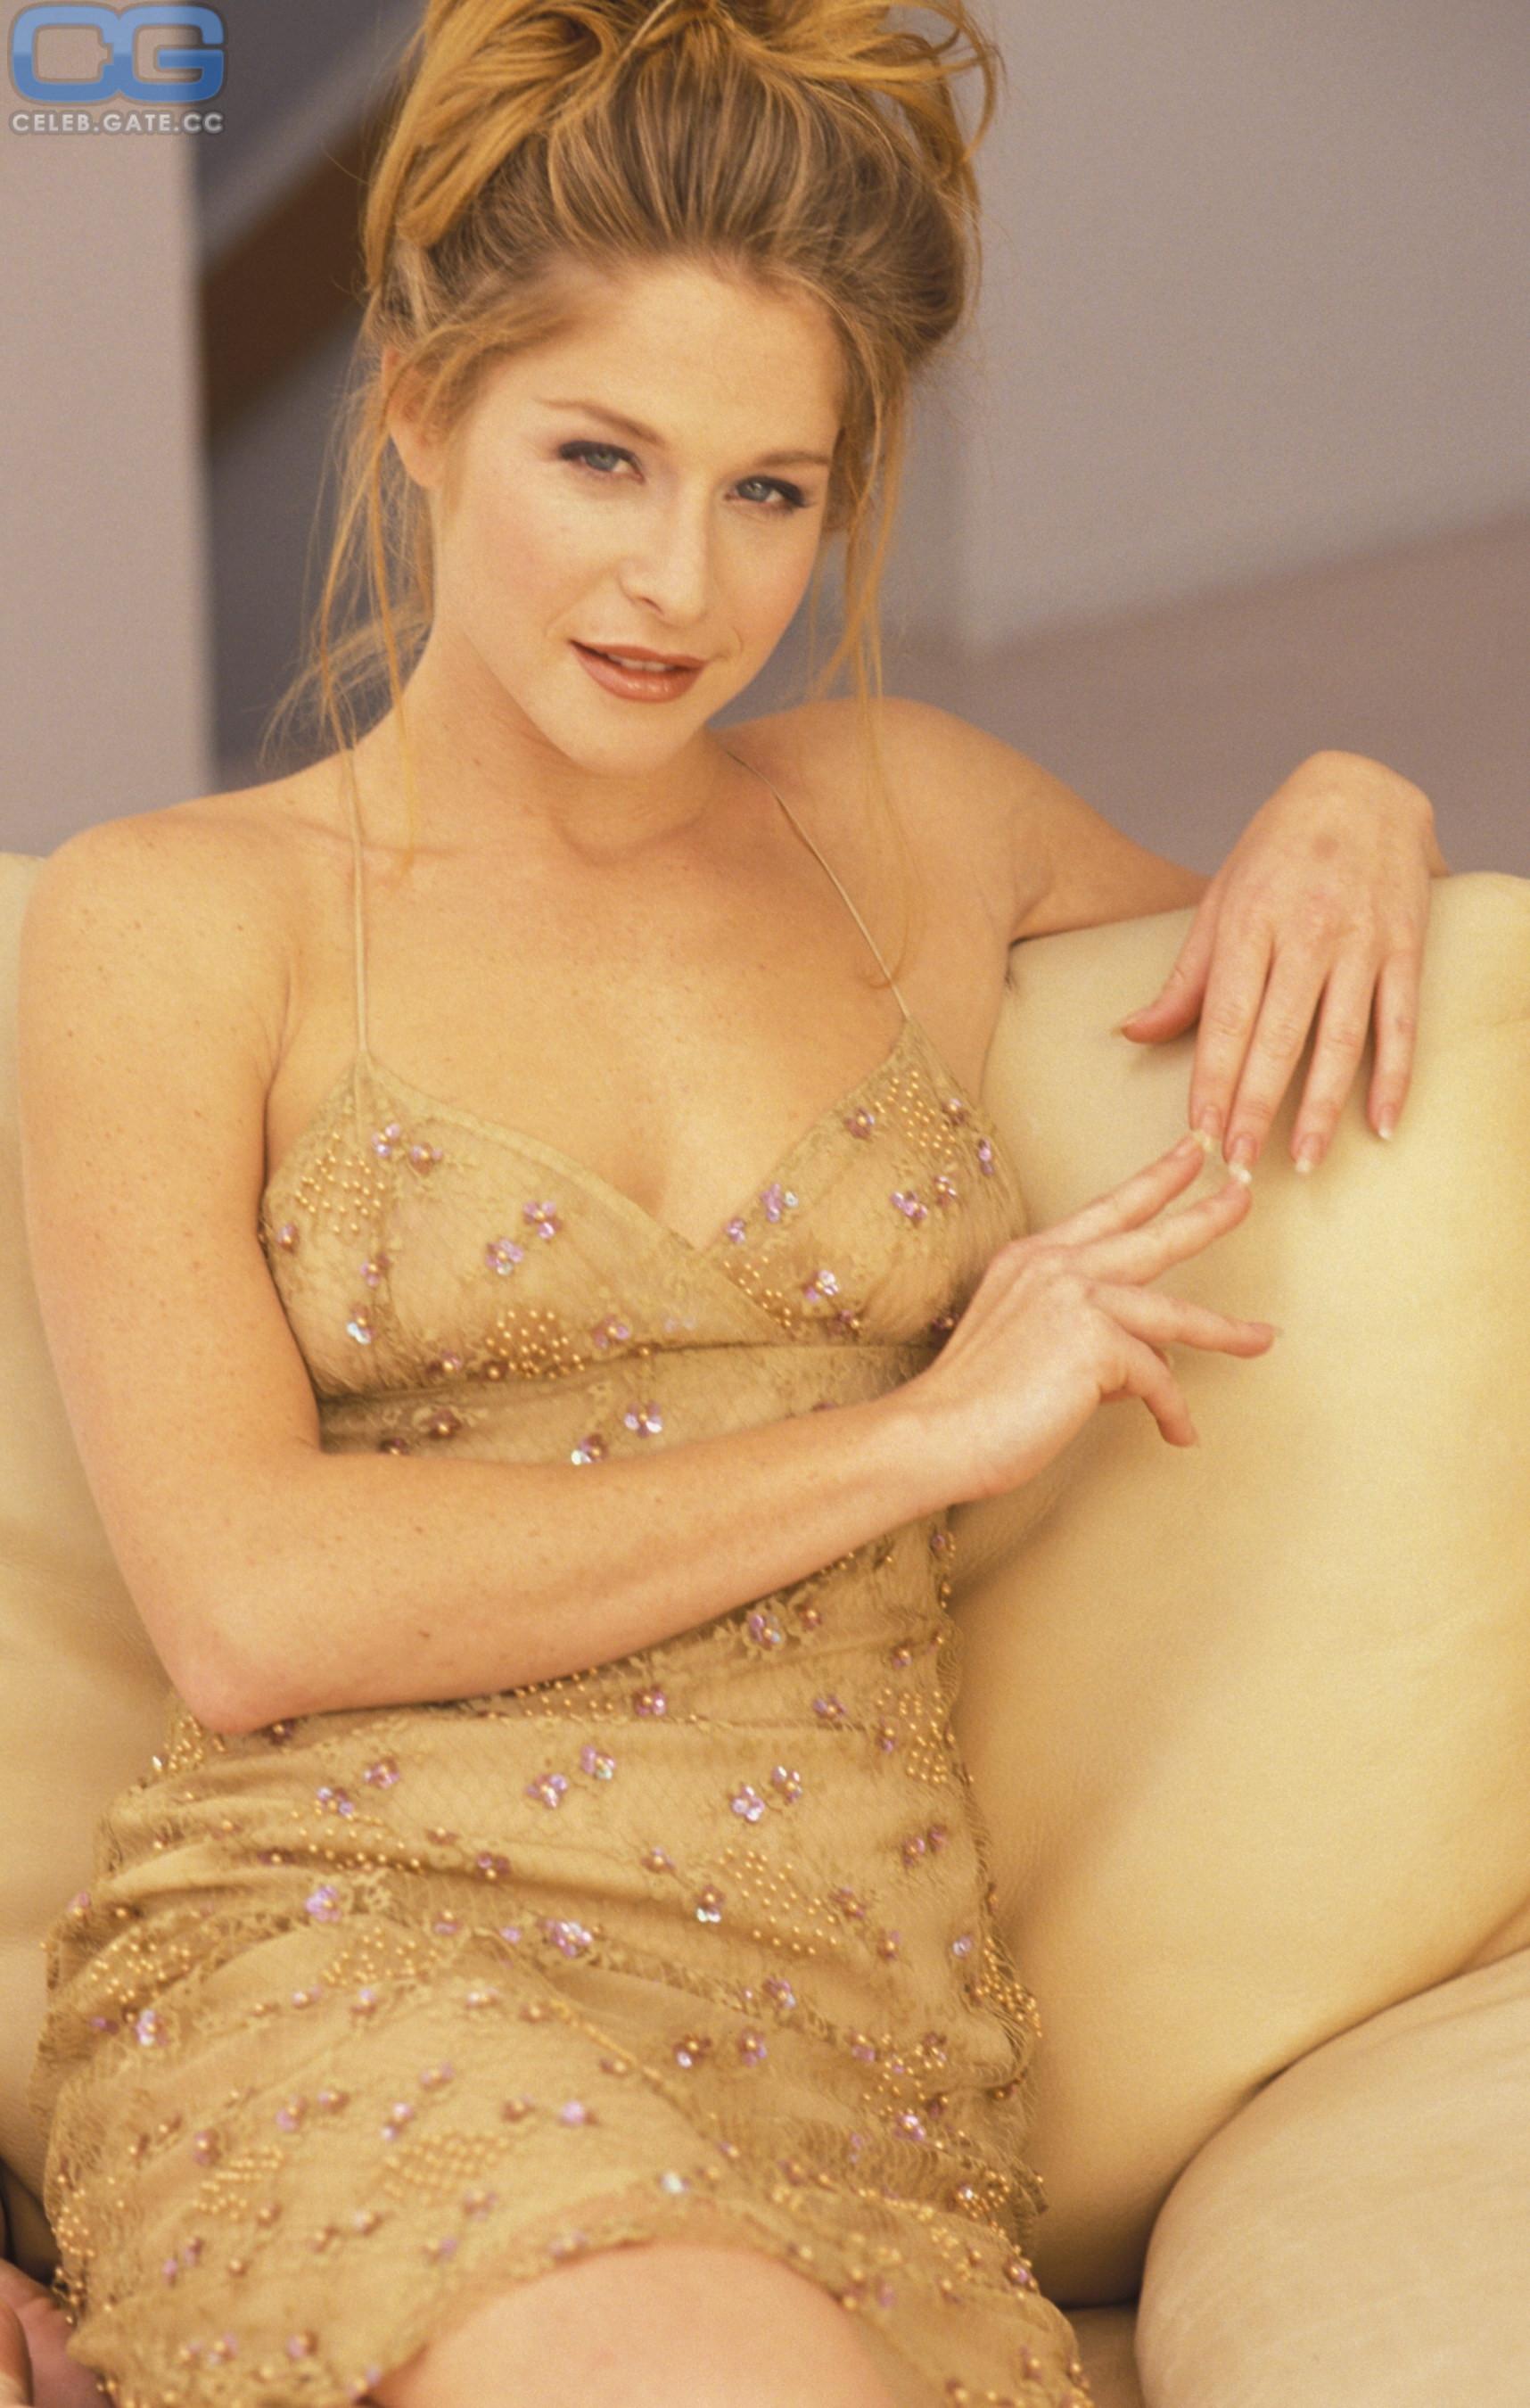 Jamie nackt Luner Actresses that